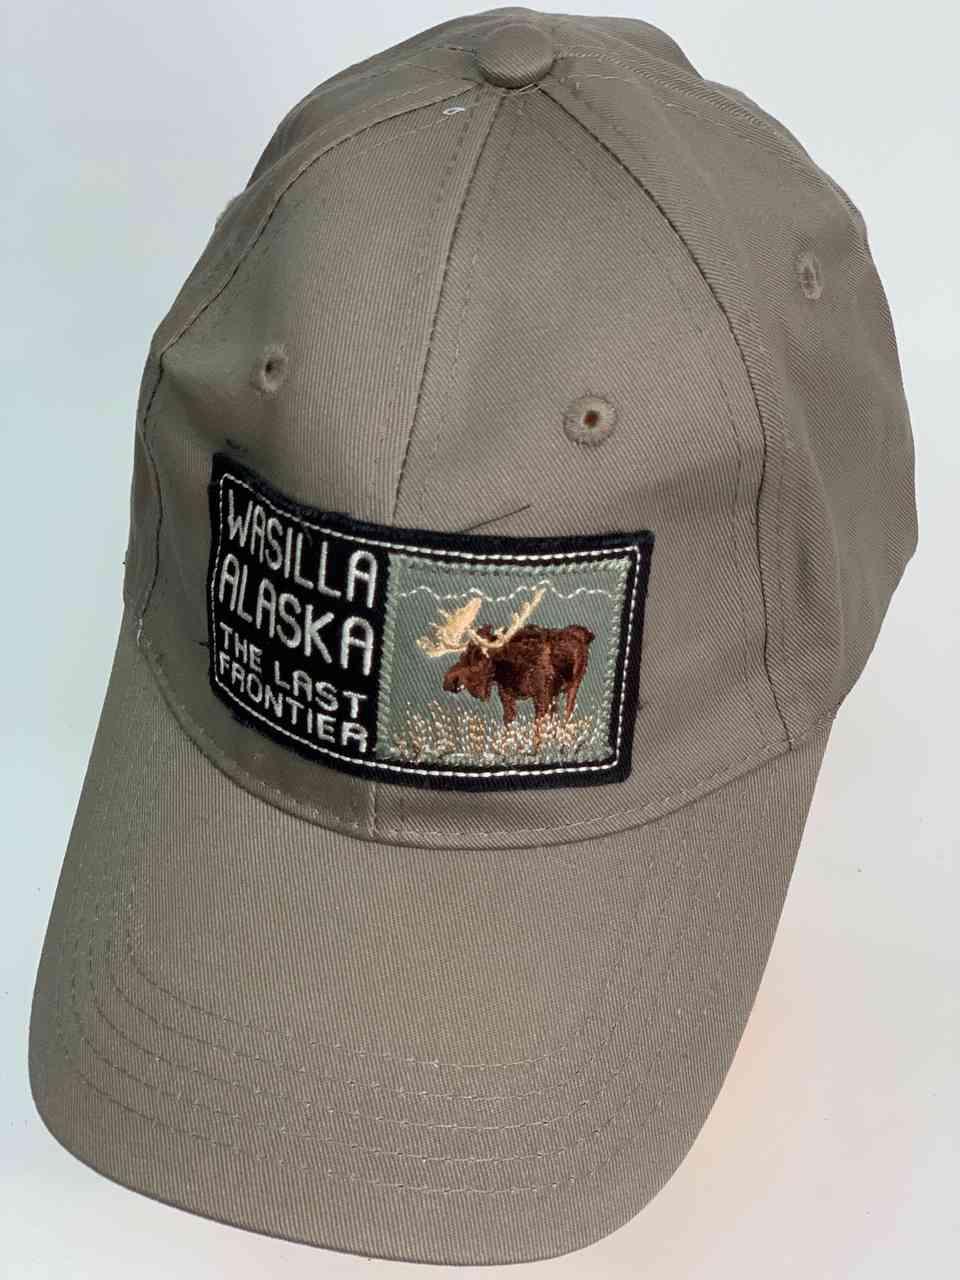 Классическая серая кепка WASILLA ALASKA